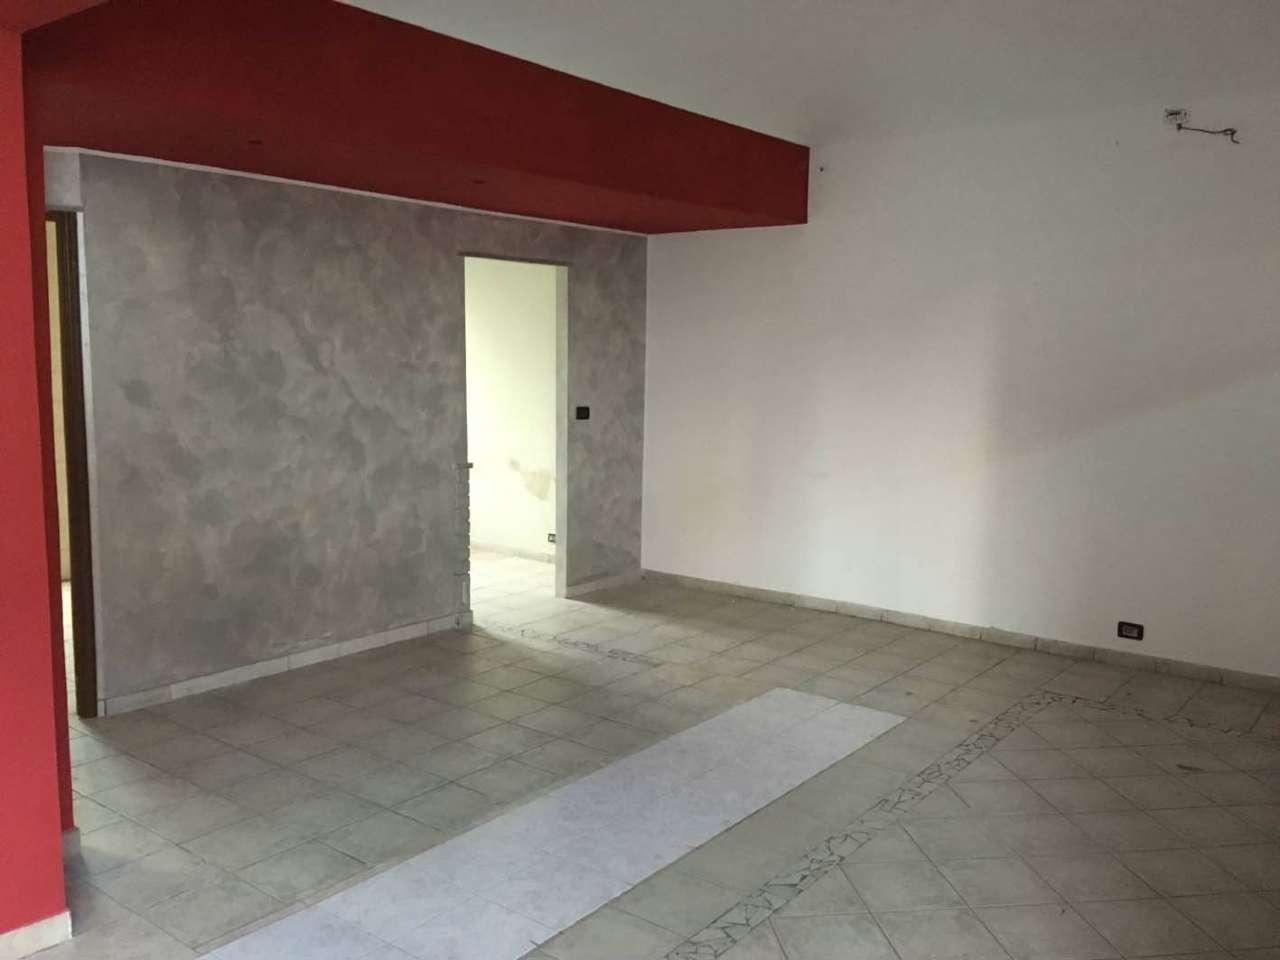 Negozio / Locale in affitto a Ciriè, 1 locali, prezzo € 800 | CambioCasa.it